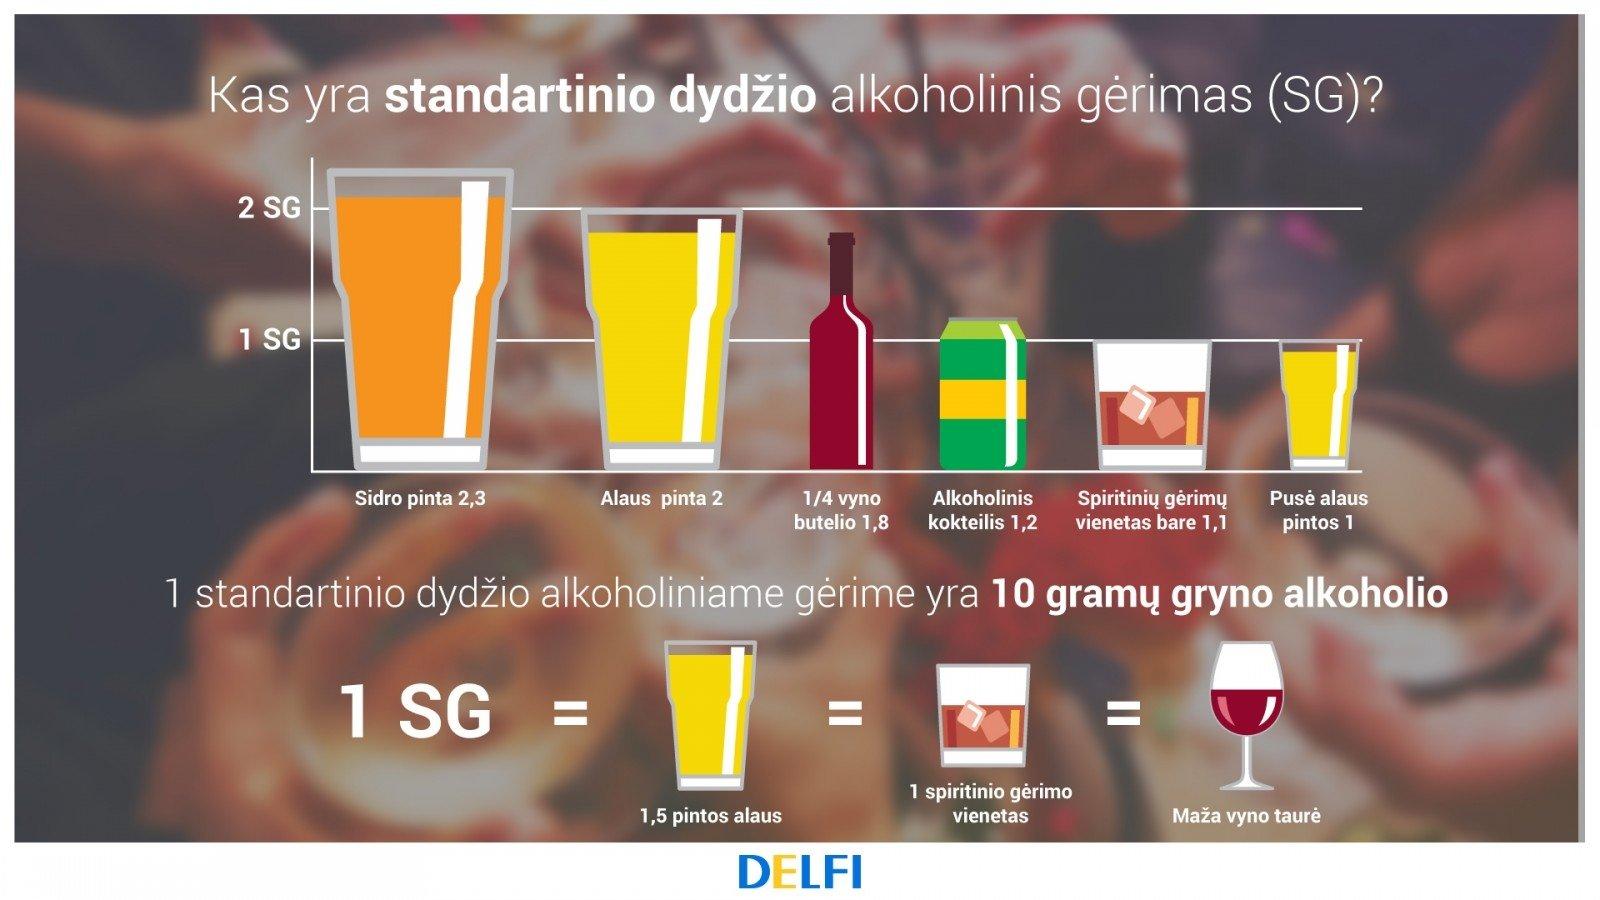 Alkoholio dydis kur pradeti padidinti nario padidejima